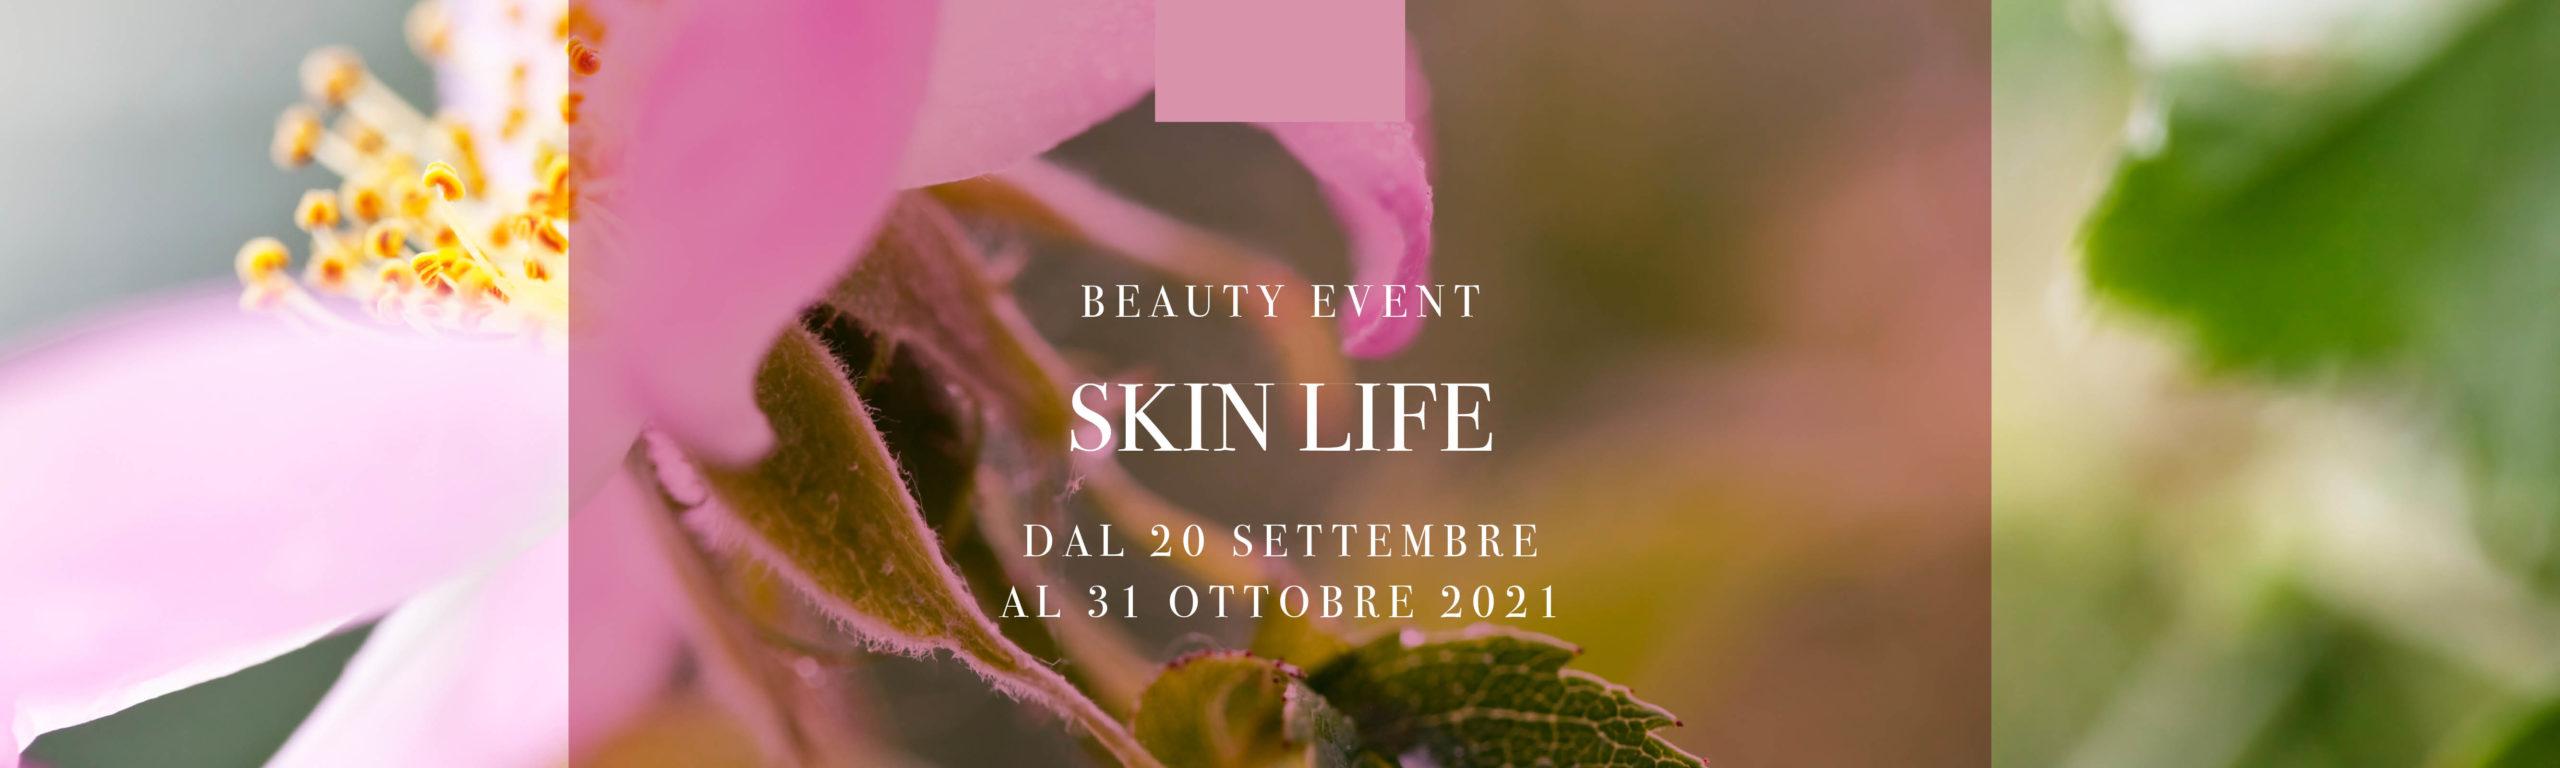 Skin Life 2021